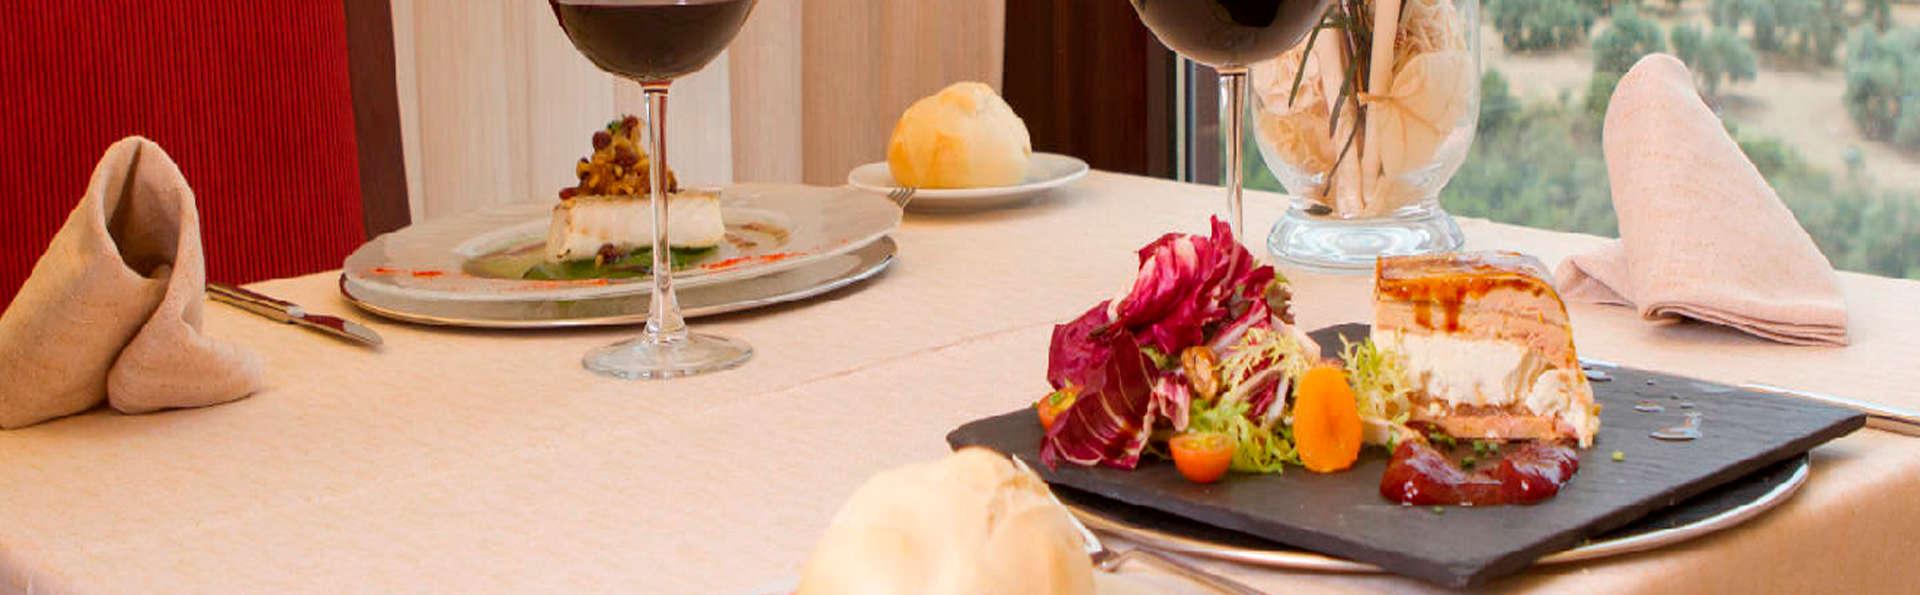 Escapade de luxe 5* : séjour à Antequera avec dîner gastronomique et spa inclus